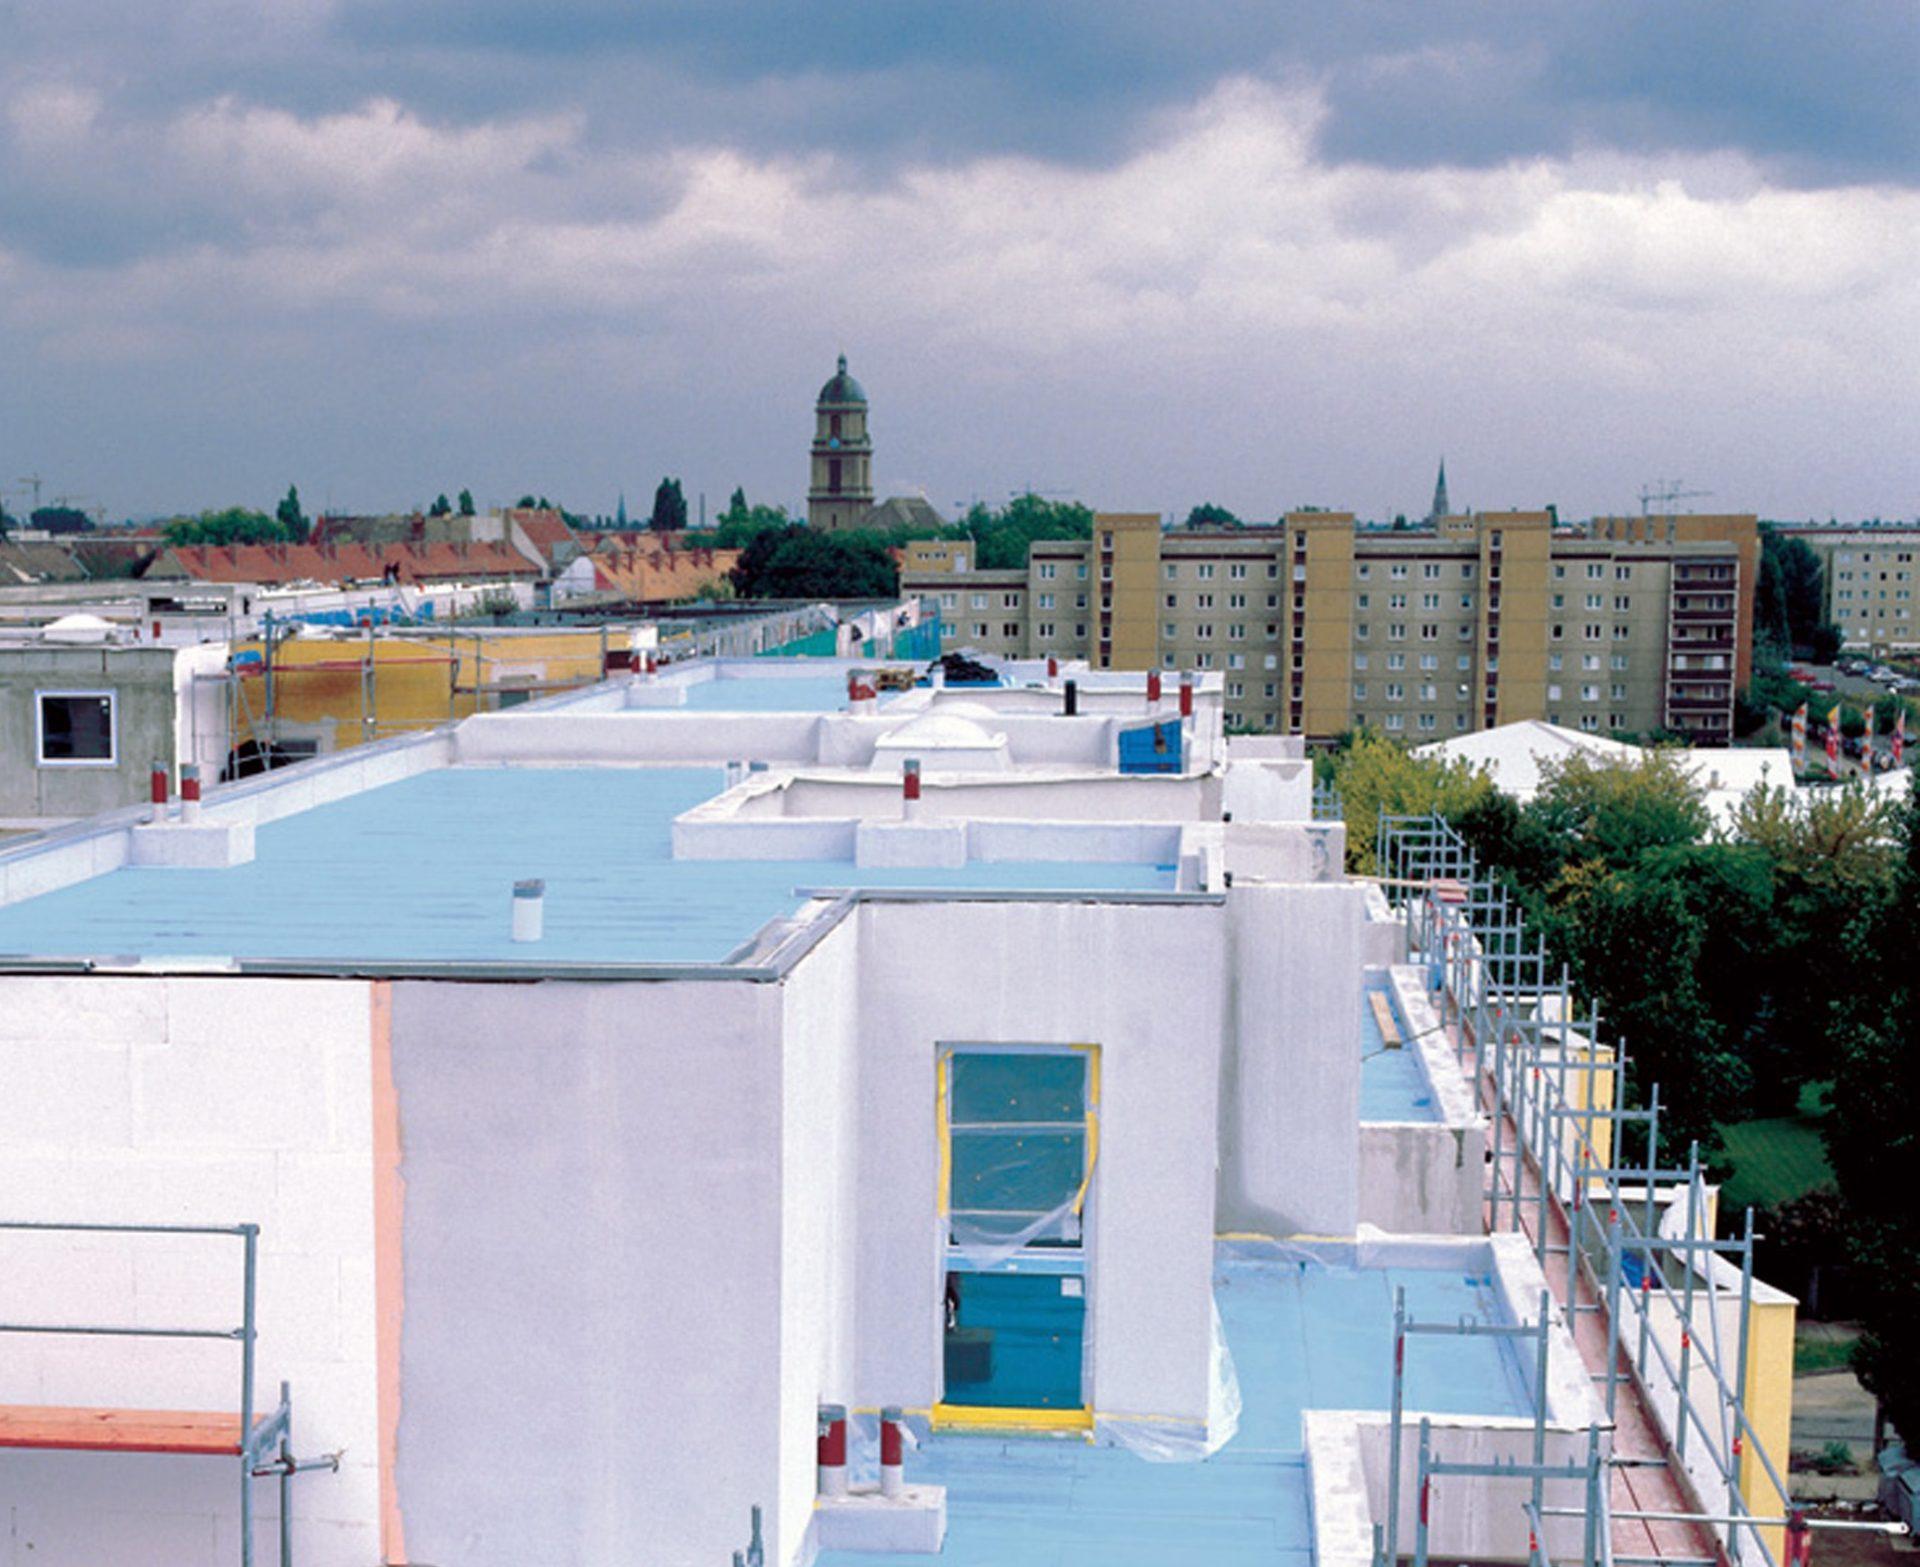 plocha-strecha-radova-vystavba-bytovy-dom-okno-balkon